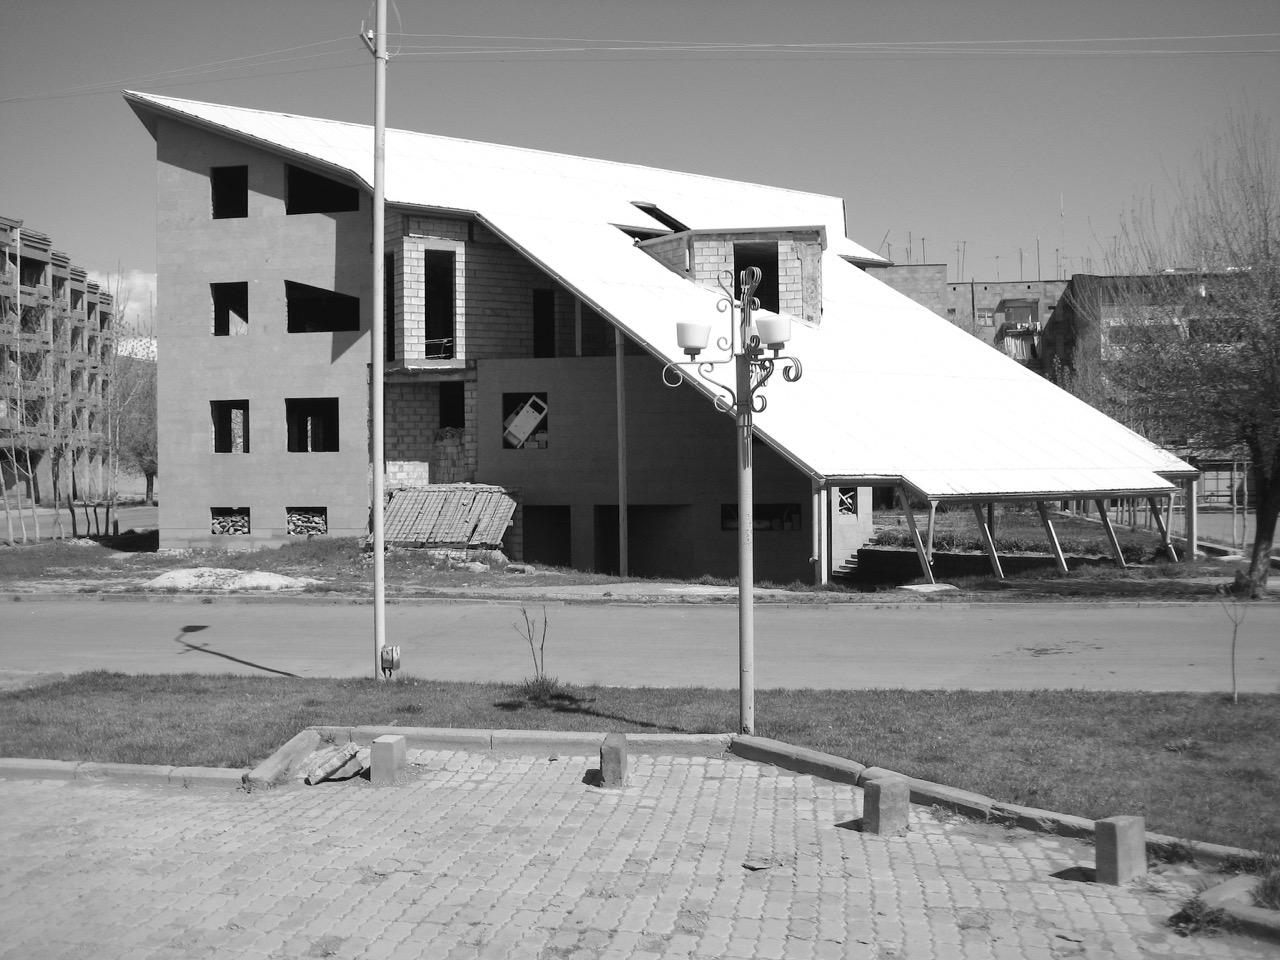 Foto: Futuristische Bauruine. Aus: Eriwan. Kapitel 6 Aufzeichnungen aus Armenien von Marc Degens.